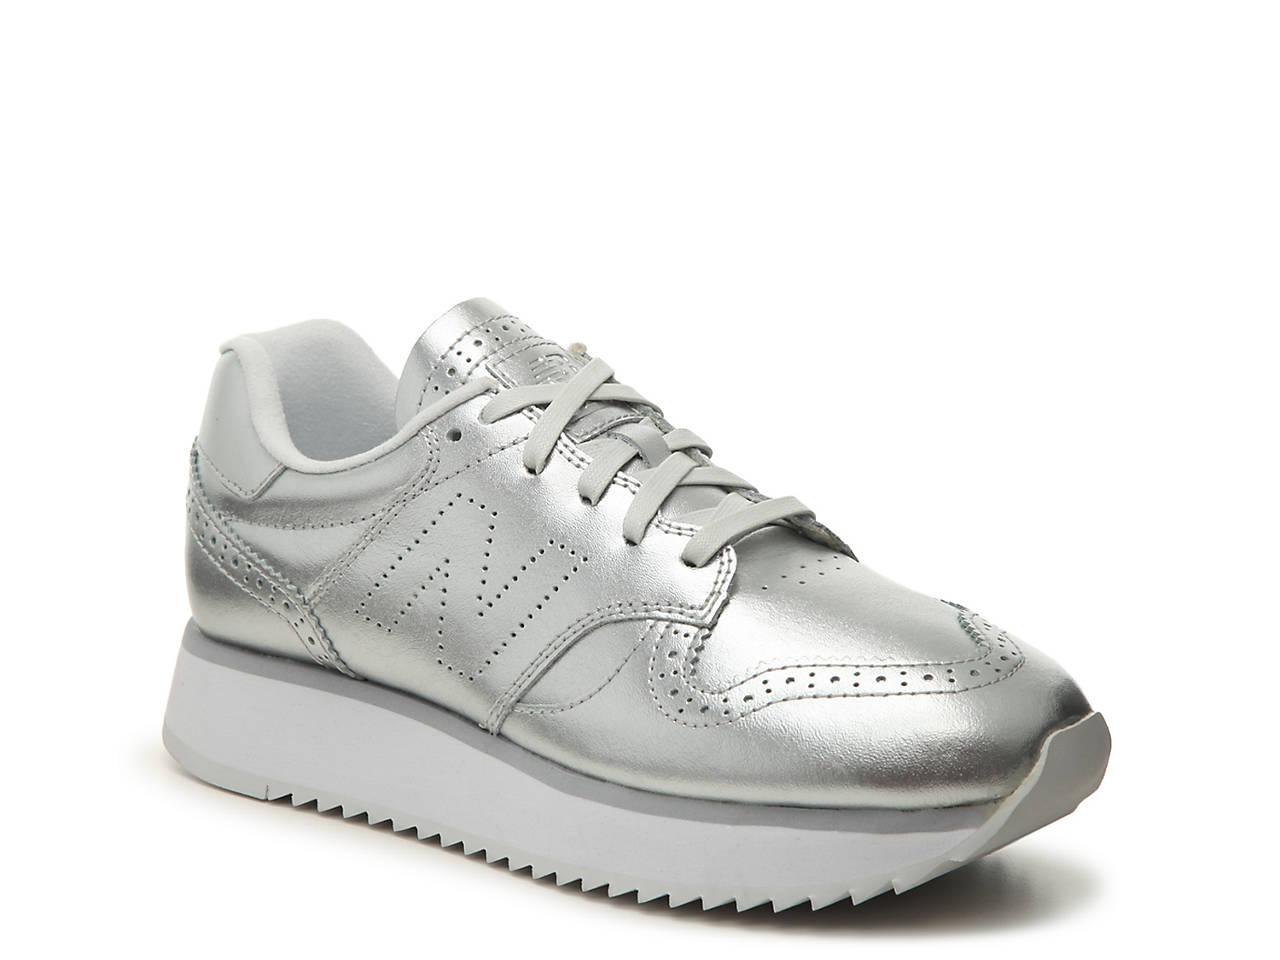 812318abeadd4 New Balance 520 Platform Sneaker - Women's Women's Shoes | DSW